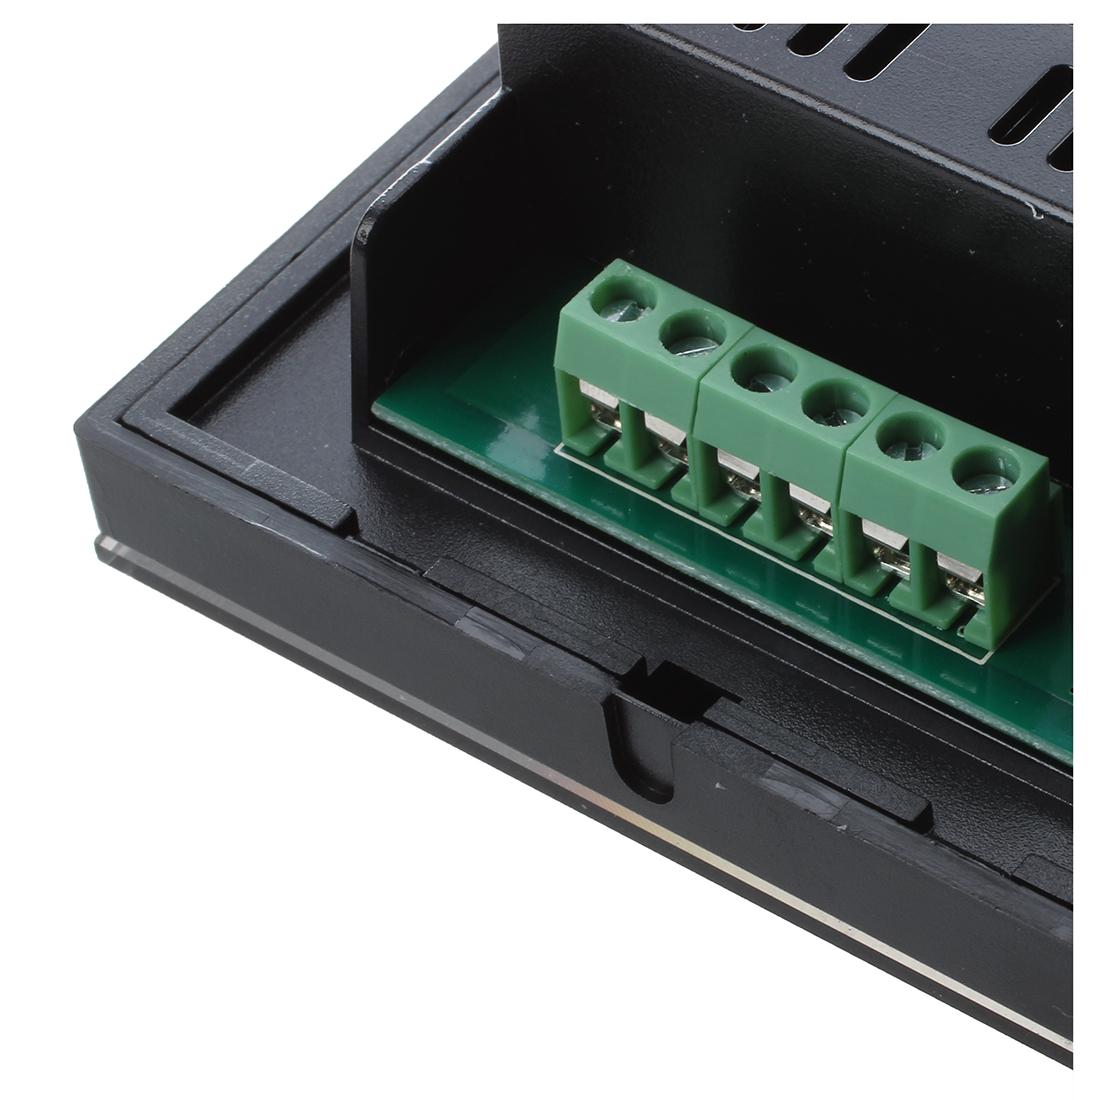 rgb led light strip touch panel dimmer controller 12 24v 12a 3 channels o5j i9q3 ebay. Black Bedroom Furniture Sets. Home Design Ideas